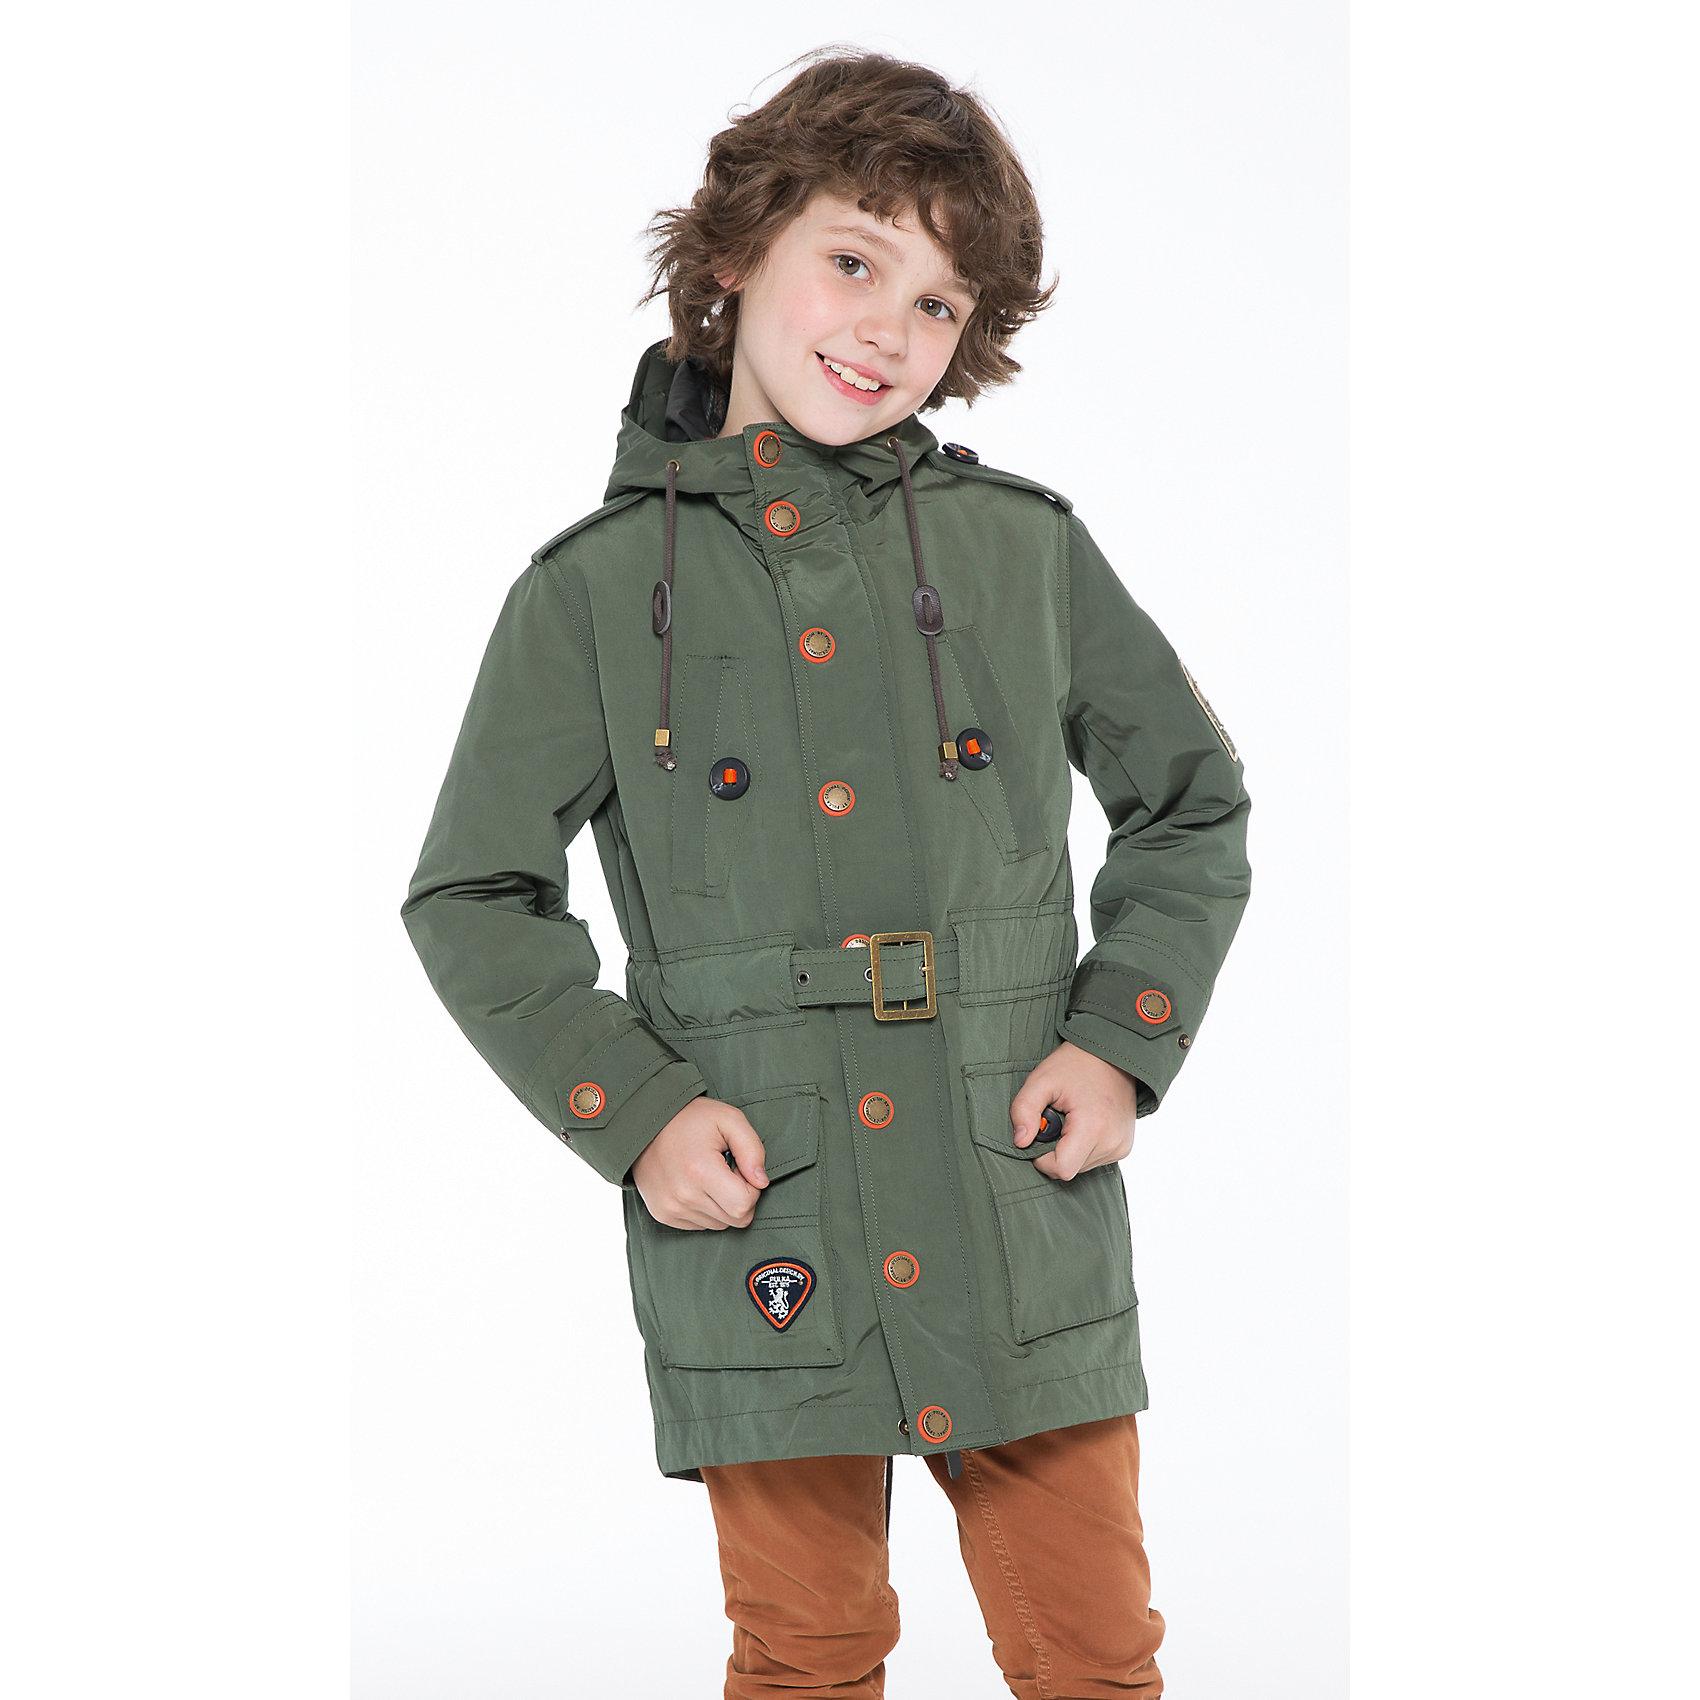 Куртка для мальчика PulkaКуртка для мальчика Pulka (Пулка) оснащена крепкой металлической молнией и клапаном на кнопках. Высокий воротник с капюшоном с утяжками и стильный пояс на металлической пряжке отлично защитят ребенка в непогоду. Стеганая утепленная подкладка на кнопках снимается. Спереди два глубоких нашивных кармана с клапаном, также два прорезных кармана на груди. Куртка украшена нашивками, шевронами, фирменными патчами. <br><br>Дополнительная информация:<br>-Цвет: темно-зеленый<br>-Сезон: осень-весна<br>-Материалы: верх – 60 % полиэстер, 40 % хлопок, утеплитель и подкладка – 100 % полиэстер<br><br>Куртка для мальчика Pulka (Пулка) – это выбор тех, кто ценит не только тепло и комфорт, но долговечность и высокое качество одежды!<br><br>Куртку для мальчика Pulka (Пулка) можно купить в нашем магазине.<br><br>Ширина мм: 356<br>Глубина мм: 10<br>Высота мм: 245<br>Вес г: 519<br>Цвет: зеленый<br>Возраст от месяцев: 120<br>Возраст до месяцев: 132<br>Пол: Мужской<br>Возраст: Детский<br>Размер: 146,158,134,164,128,140,152<br>SKU: 4125705